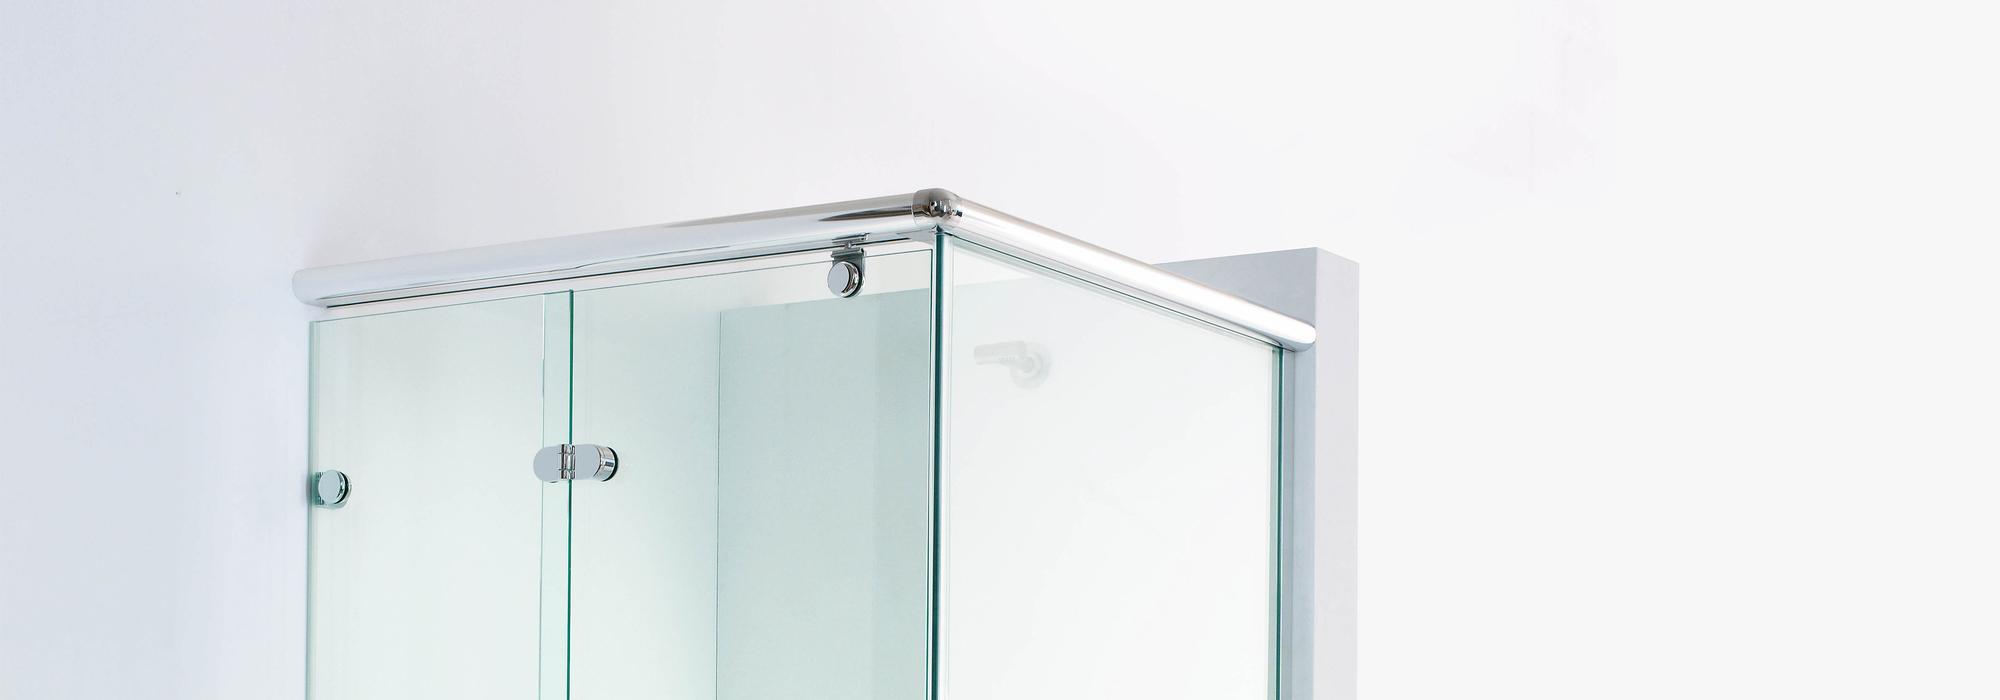 Full Size of Glasdusche Onyx Schulte Duschen Breuer Kaufen Hsk Begehbare Sprinz Moderne Werksverkauf Hüppe Bodengleiche Dusche Sprinz Duschen